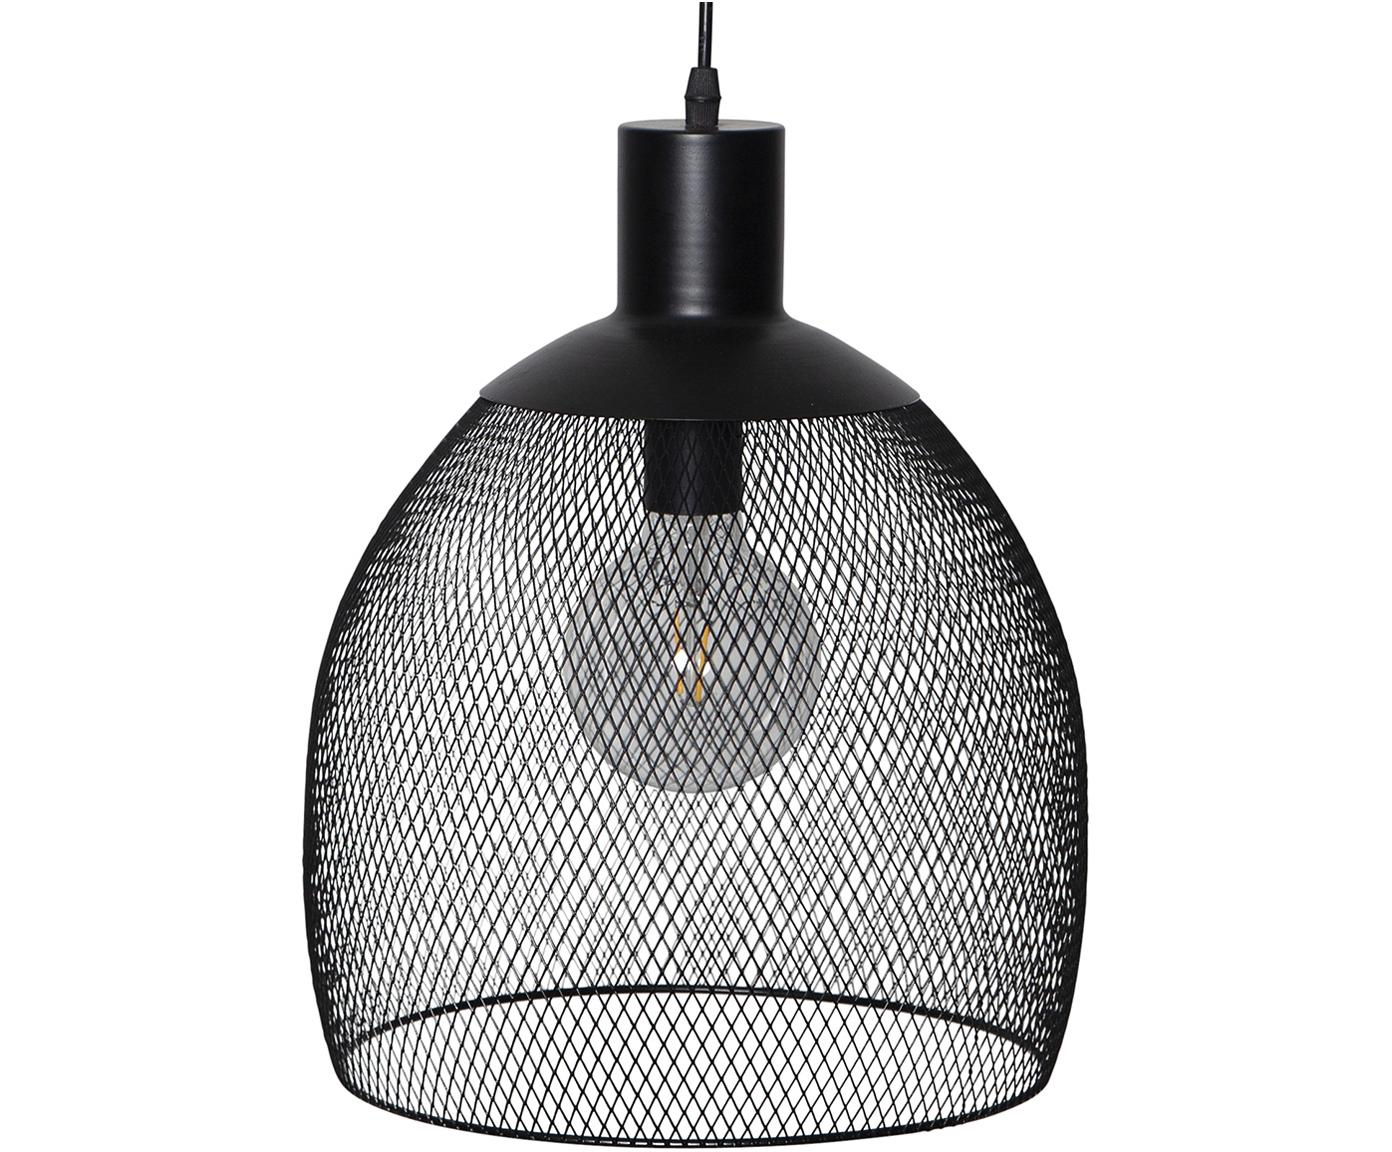 LED Solar-Außenleuchte Sunlight, Schwarz, Ø 29 x H 35 cm